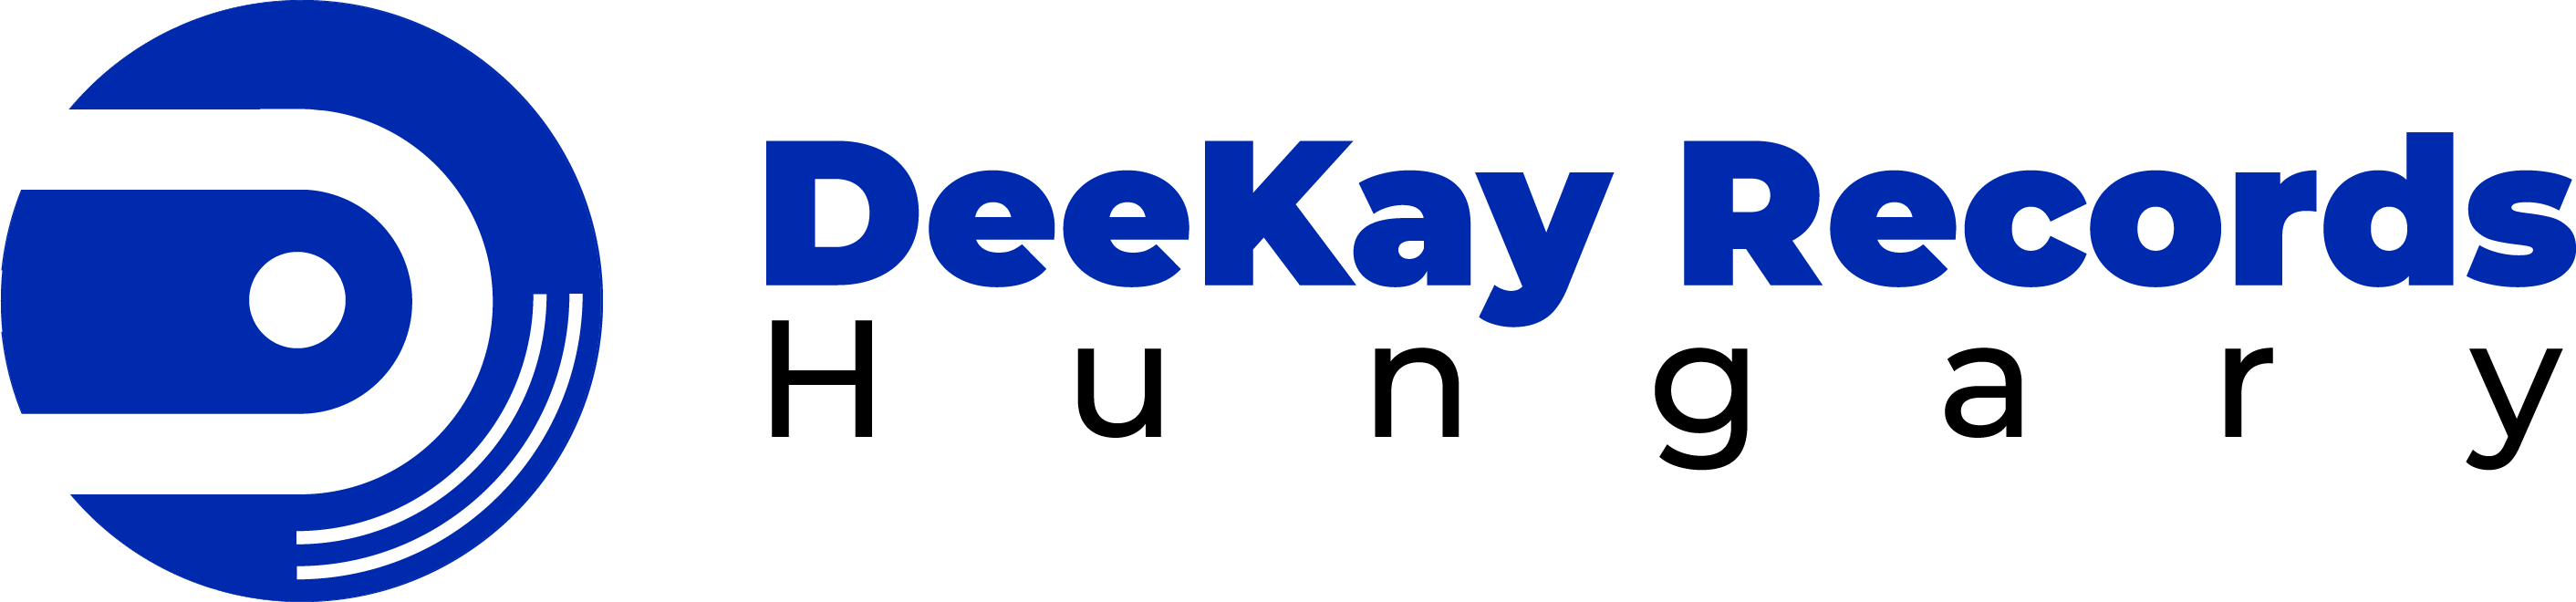 DeeKayRecords Hungary logó